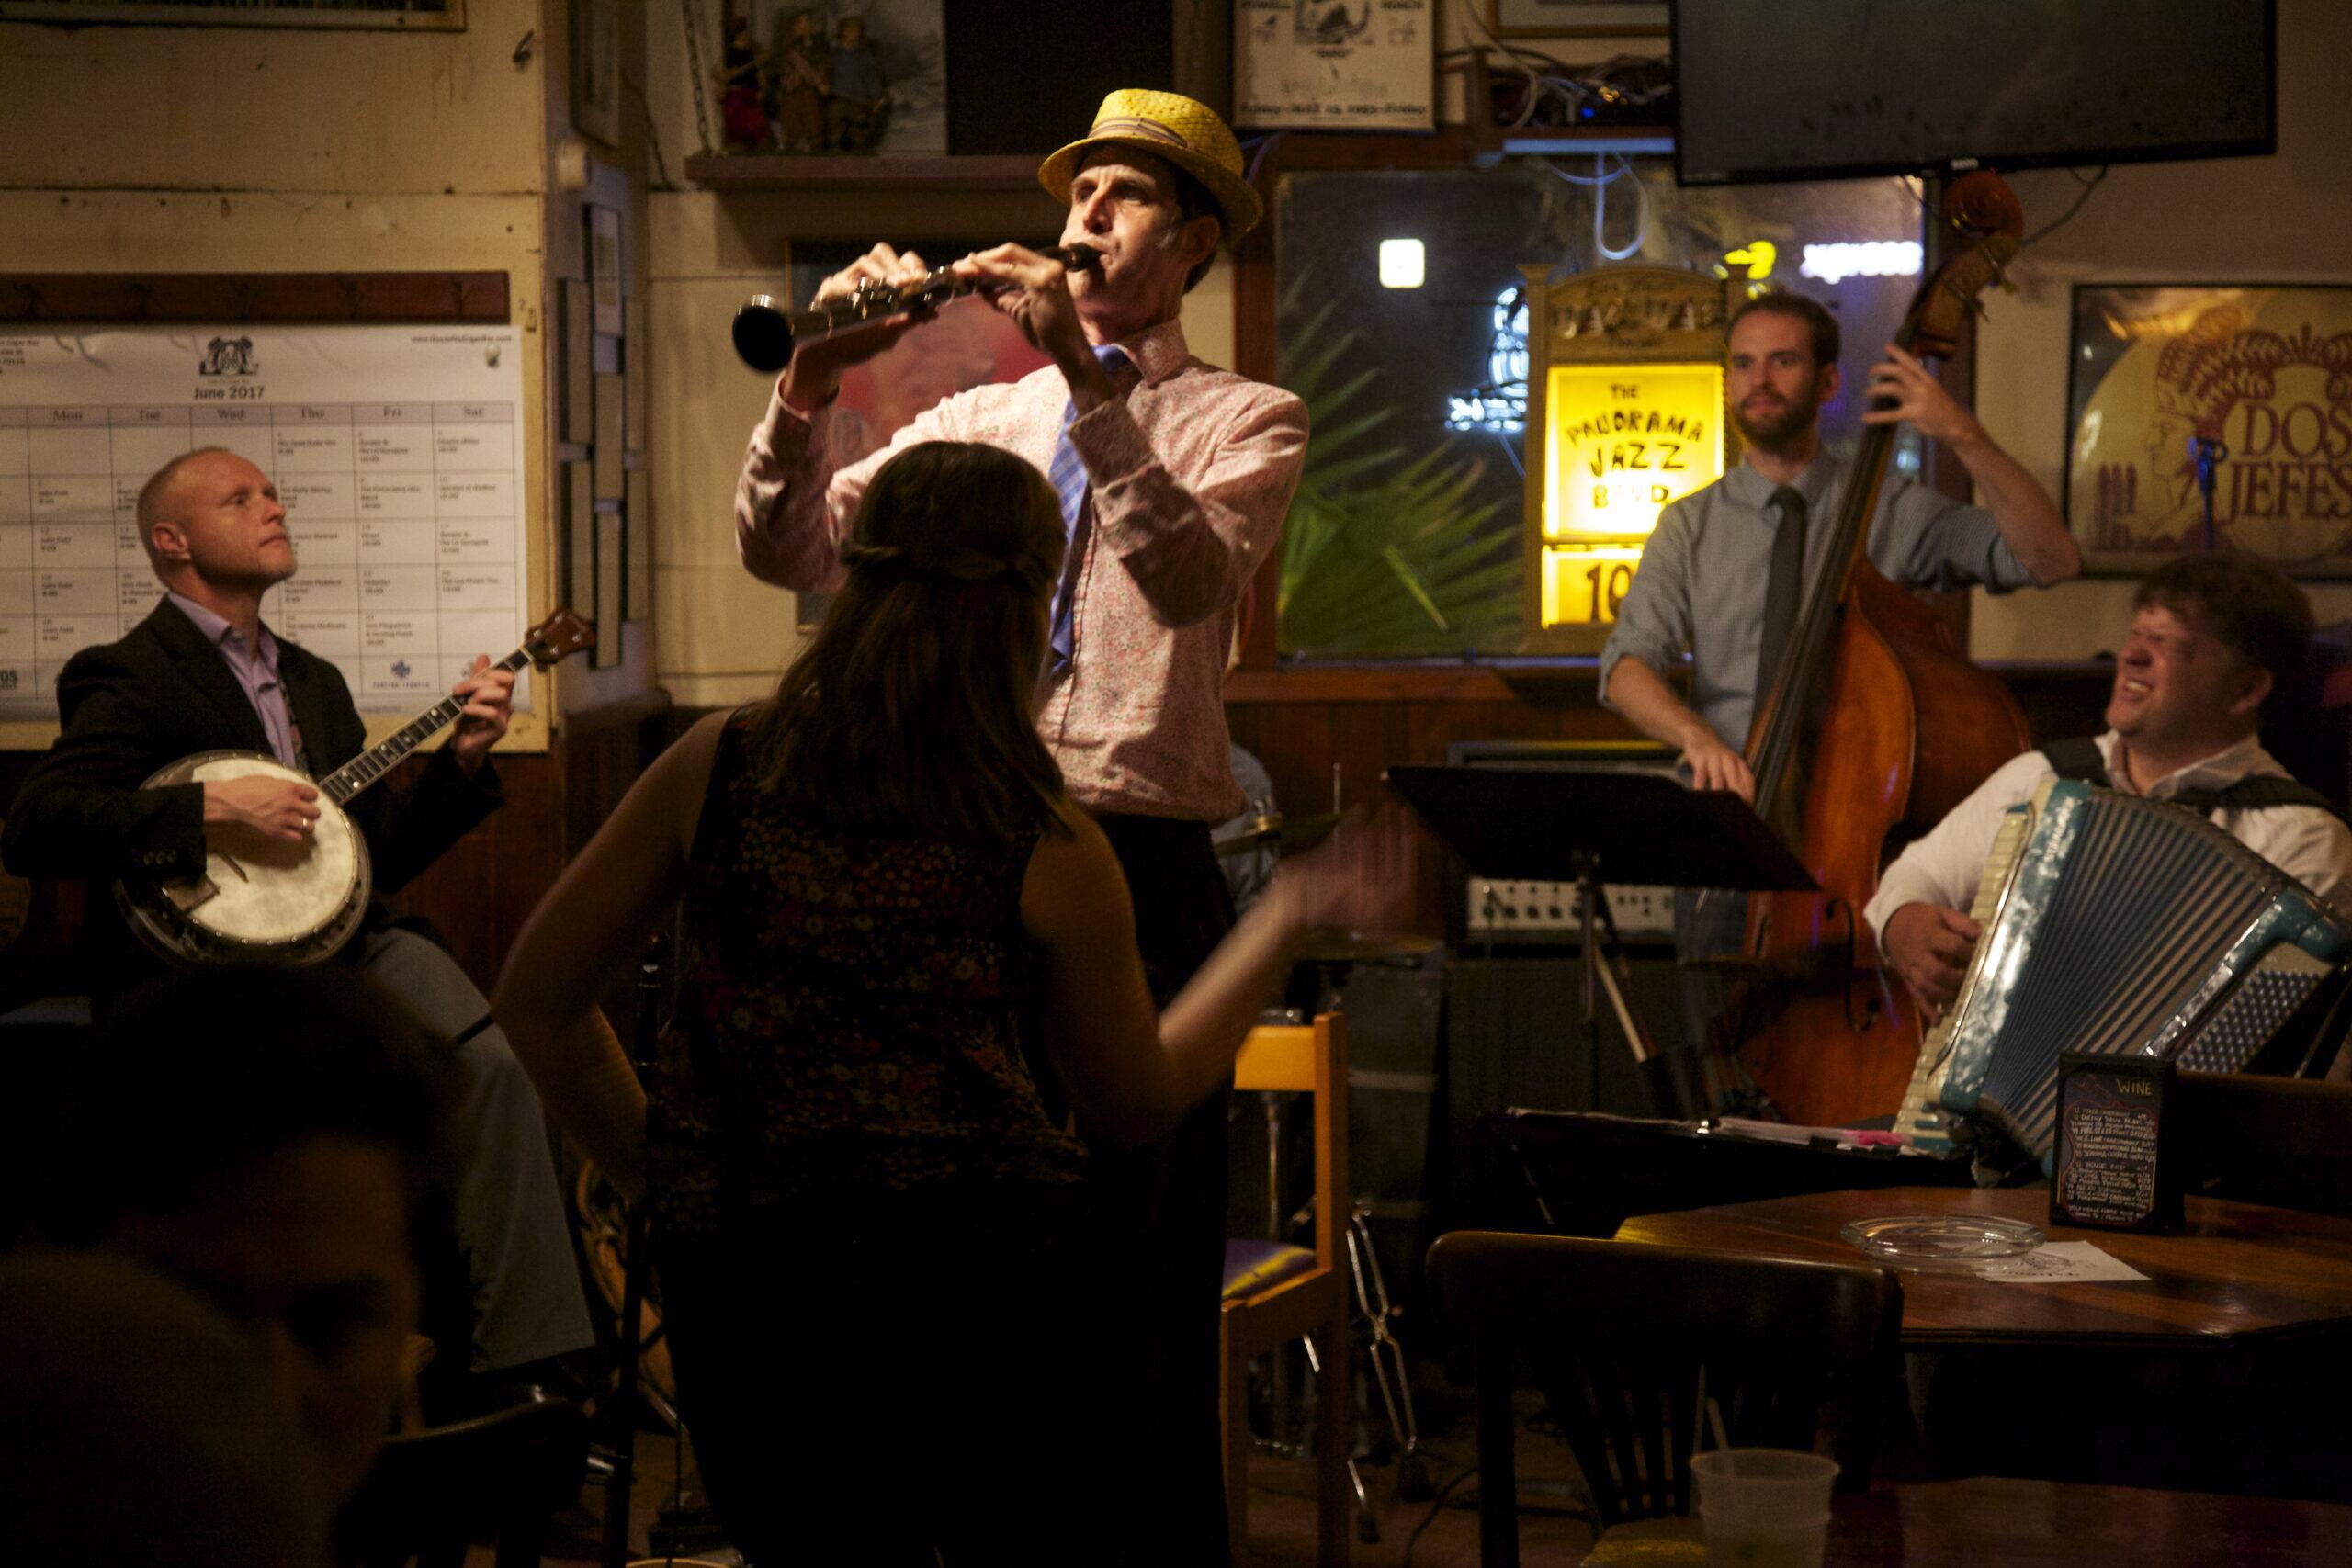 385 - THE PANORAMA JAZZ BAND - Dos Jefes Uptown Cigar Bar